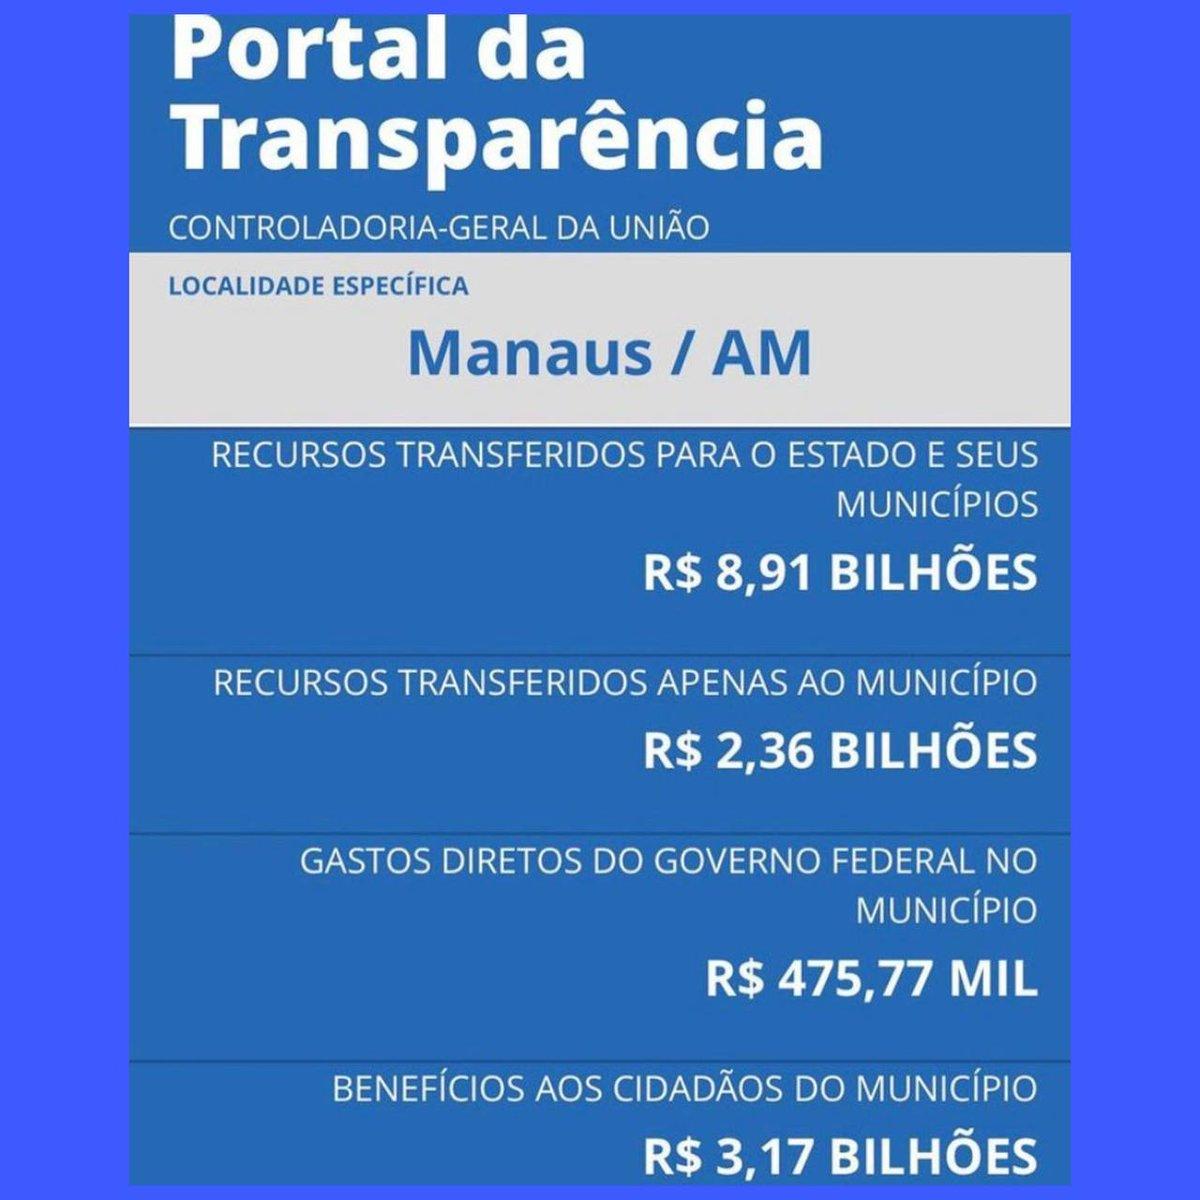 #BolsonaroAte2026 Onde está o dinheiro? O gato comeu?